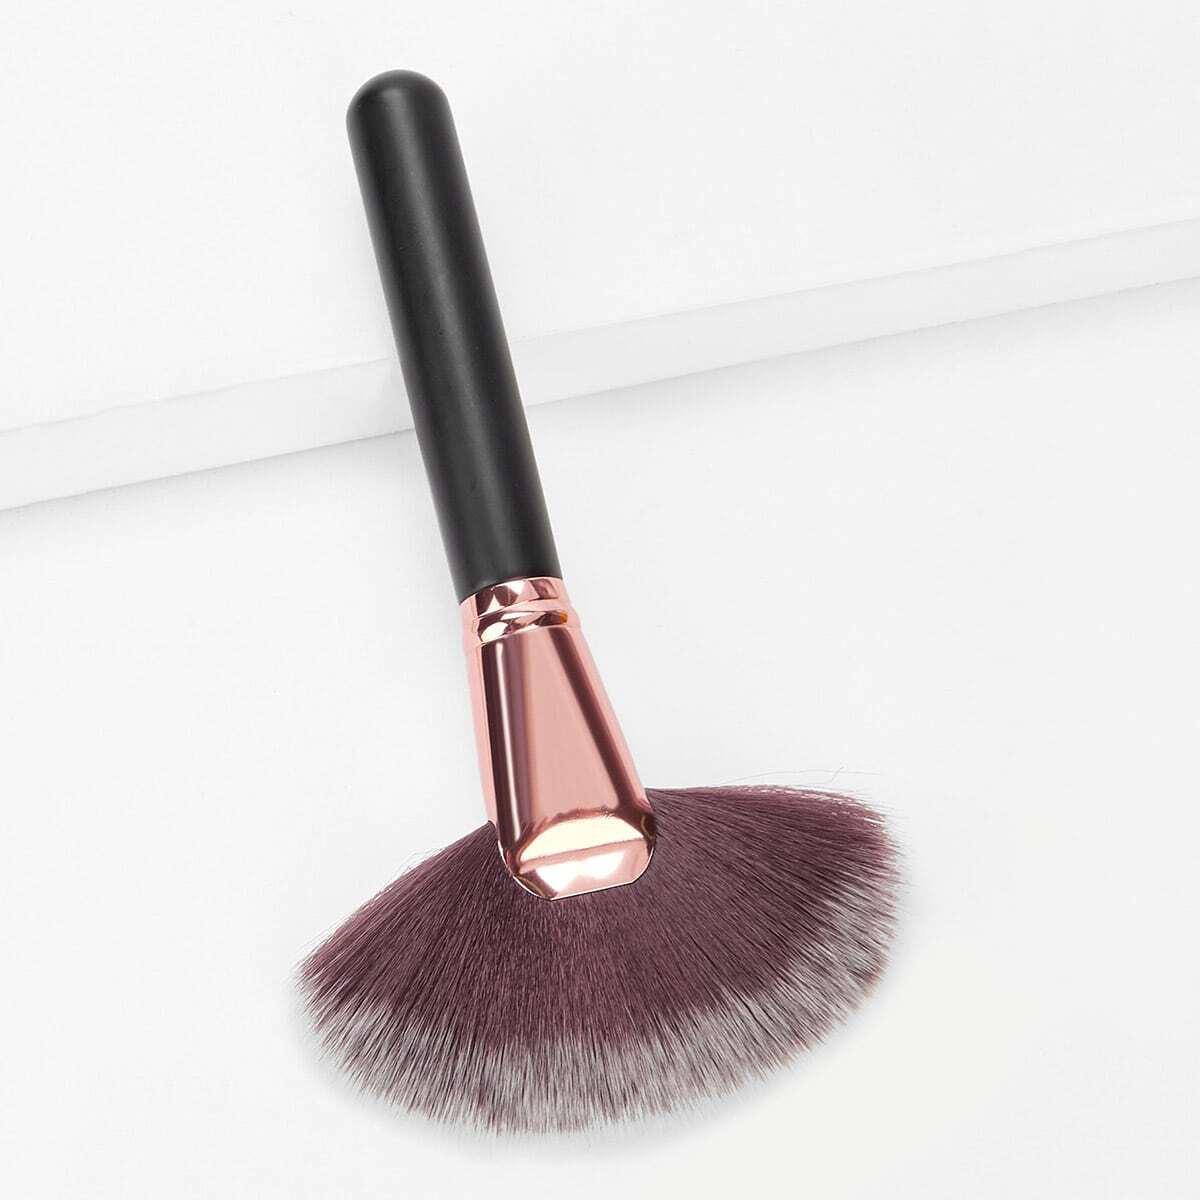 Веерообразная кисть для макияжа 1 шт